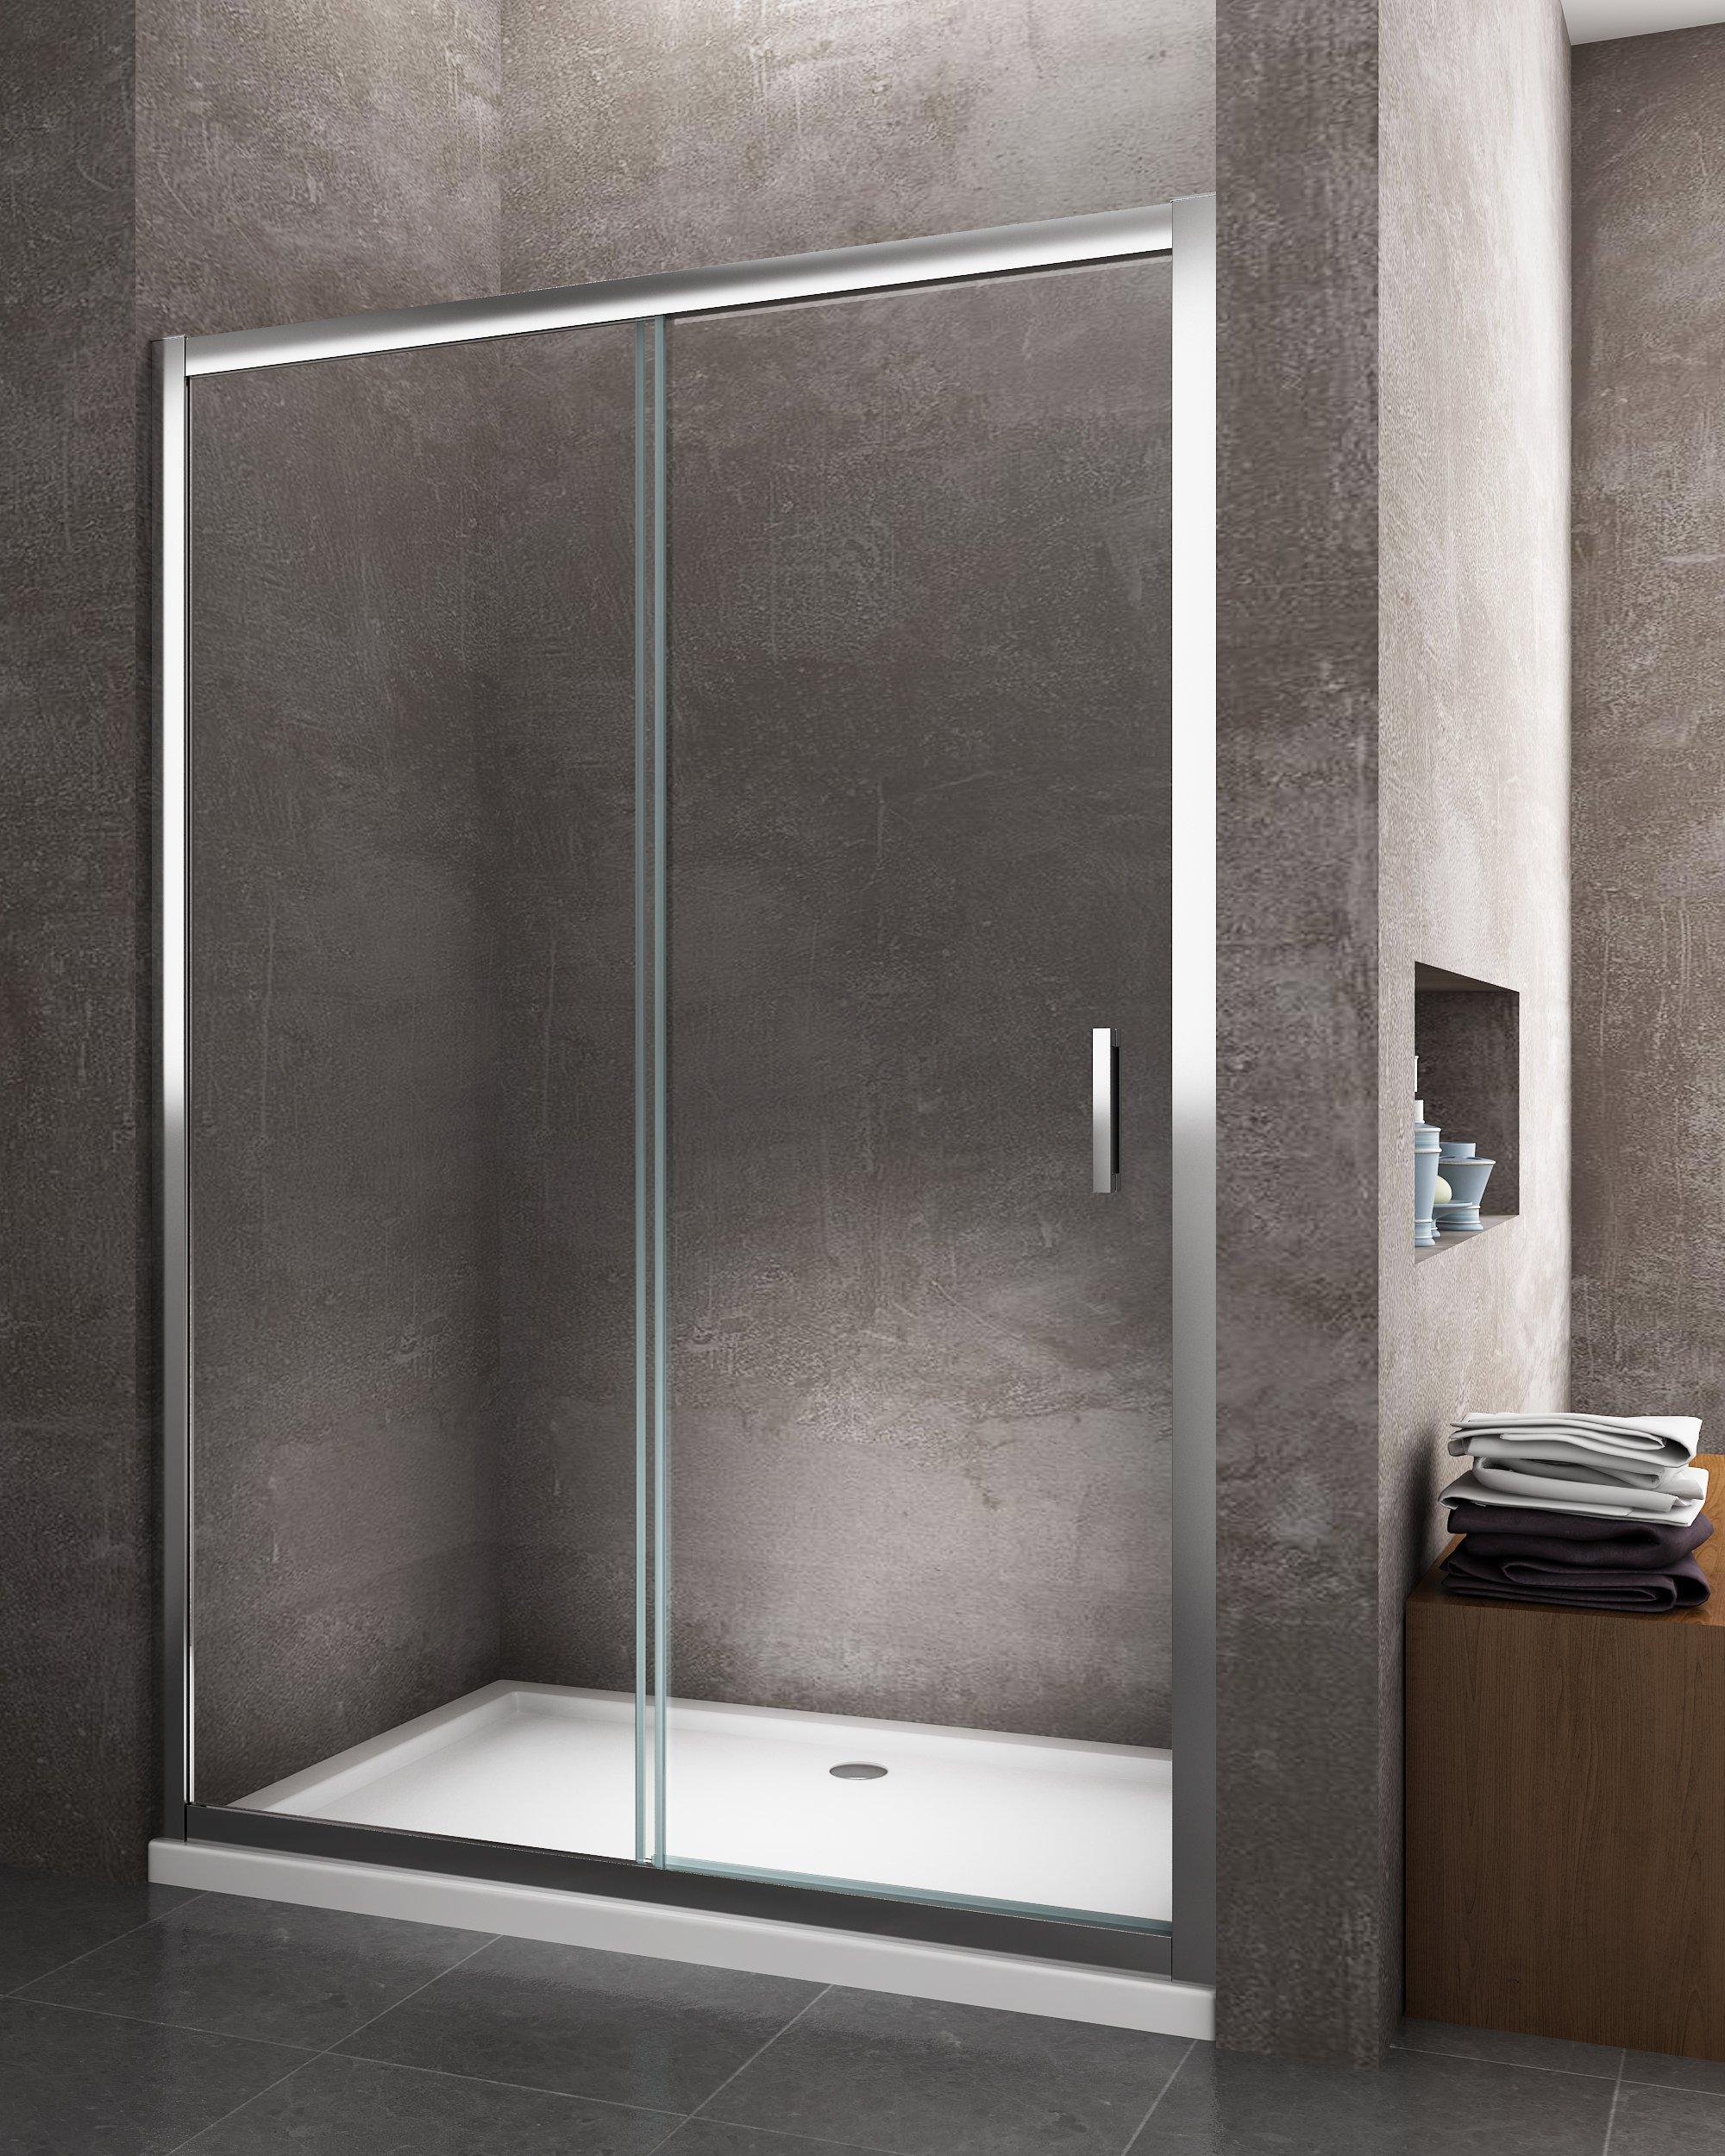 Nicchia porta doccia scorrevole reversibile cromo 6 mm giorgyshopgiorgyshop - Porta scorrevole per doccia ...